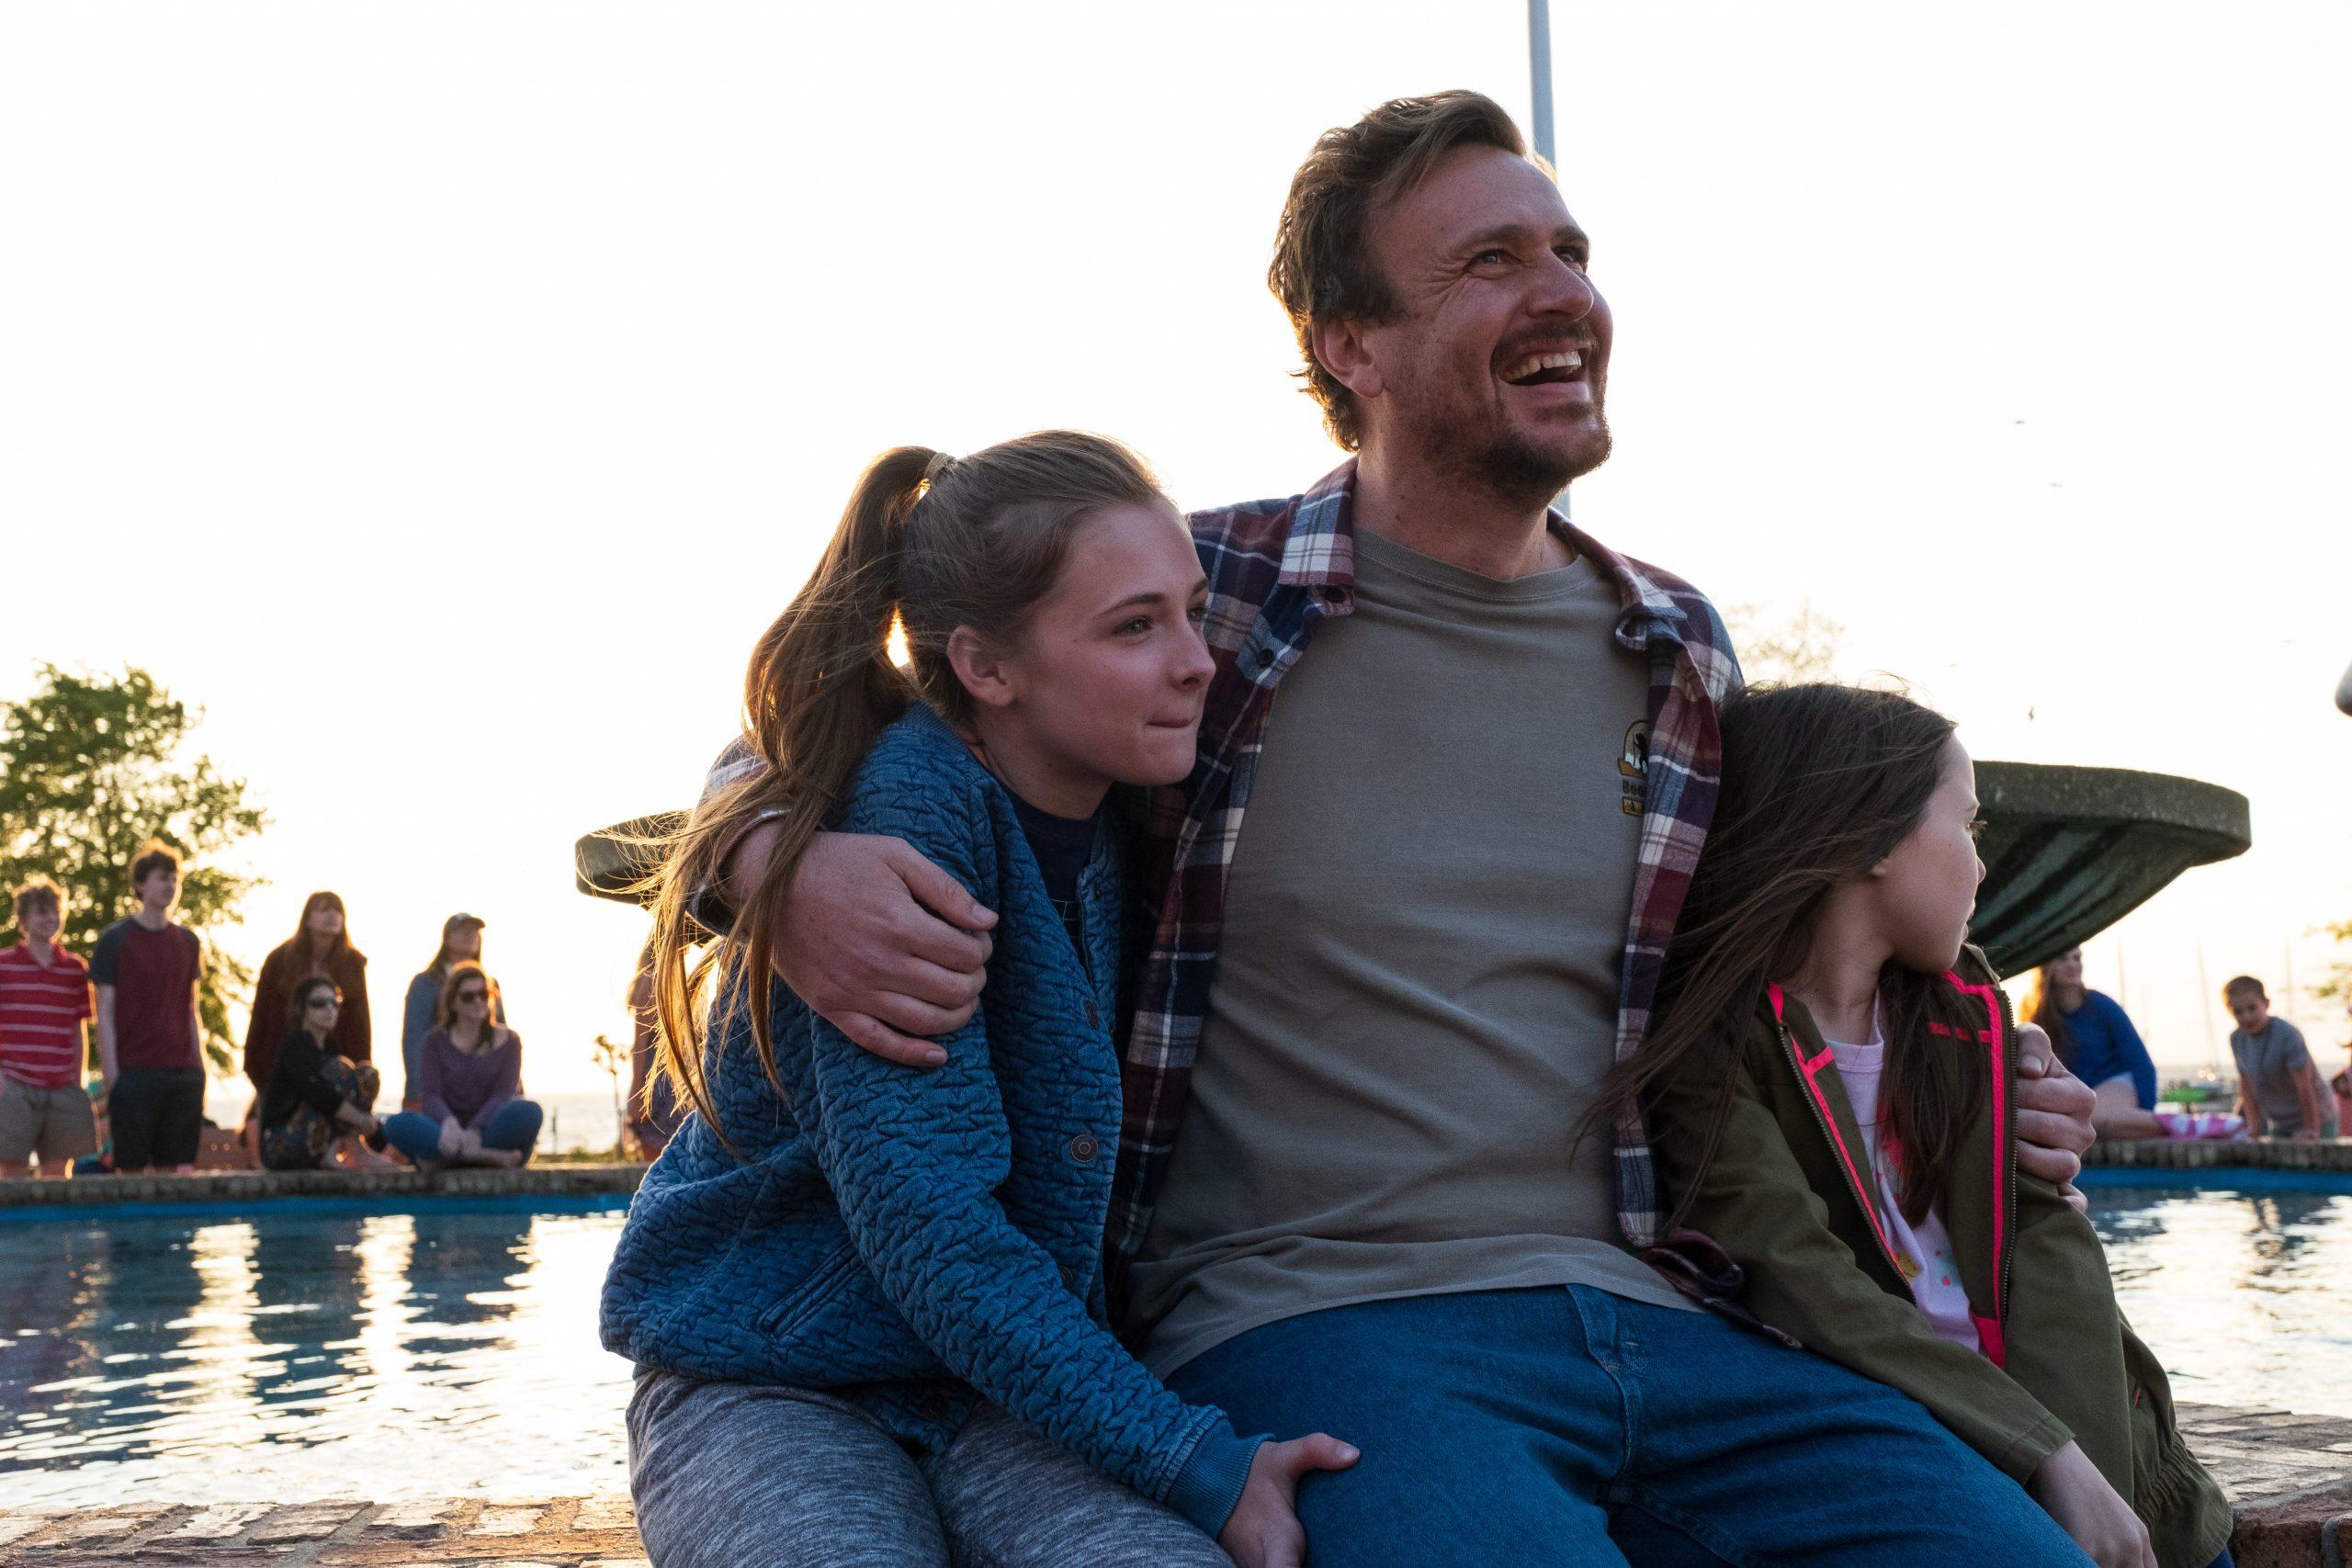 Our Friend Review: Jason Segel Shines in Muddled Tearjerker